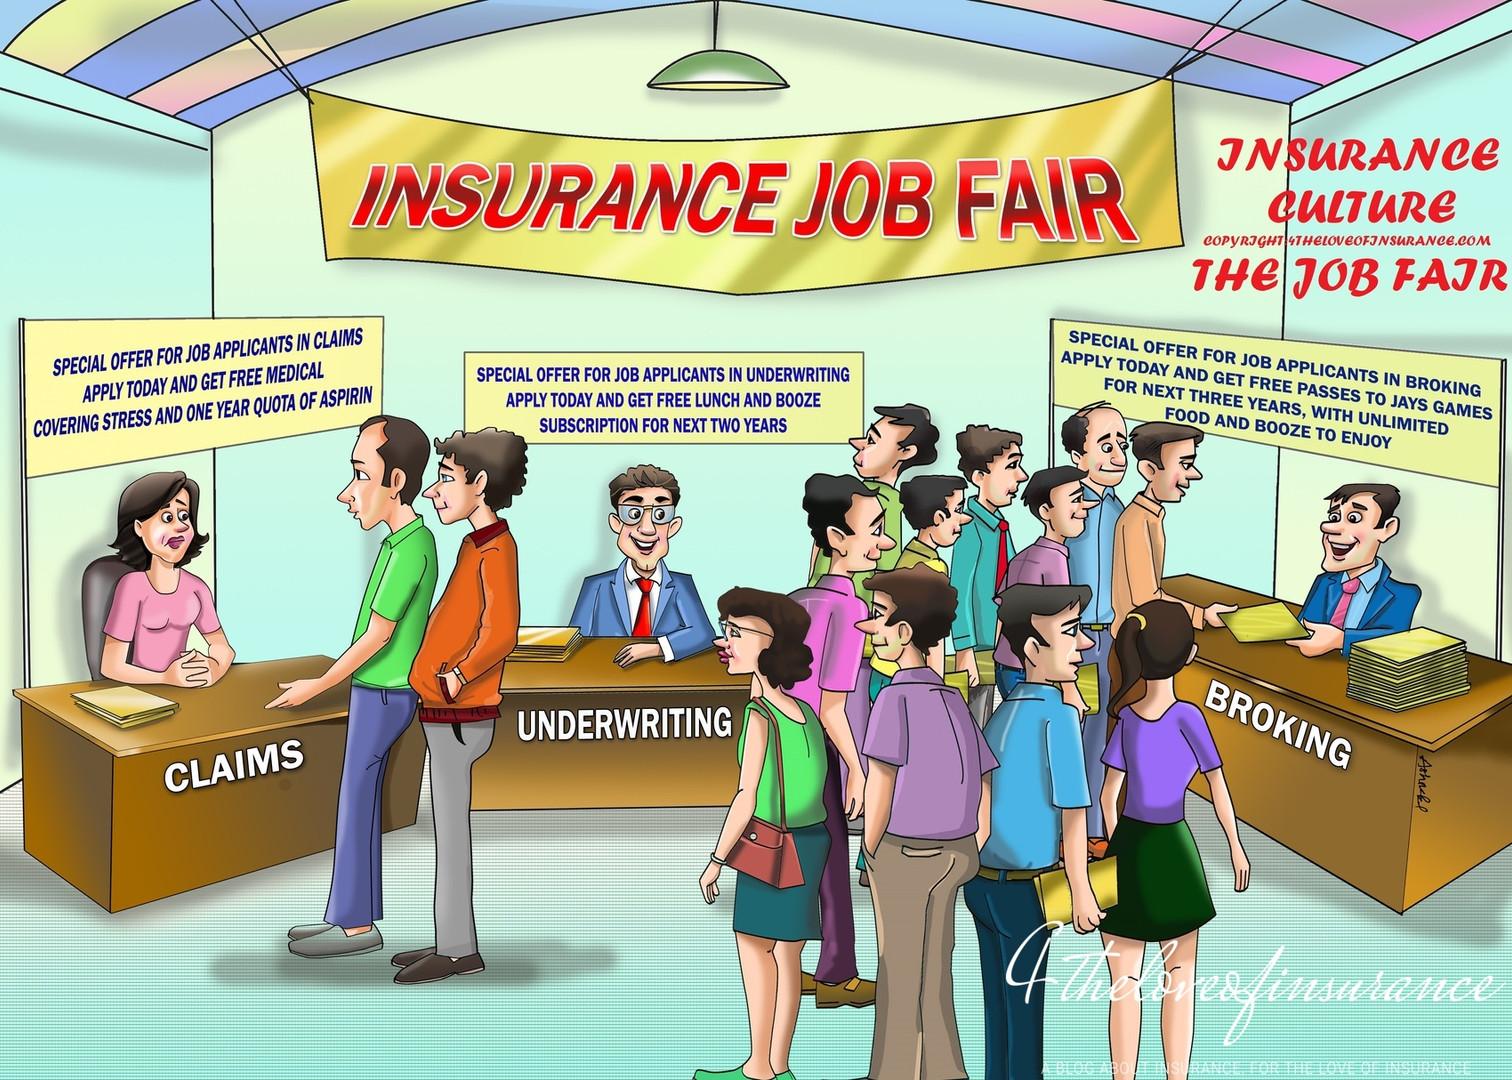 The Job Fair